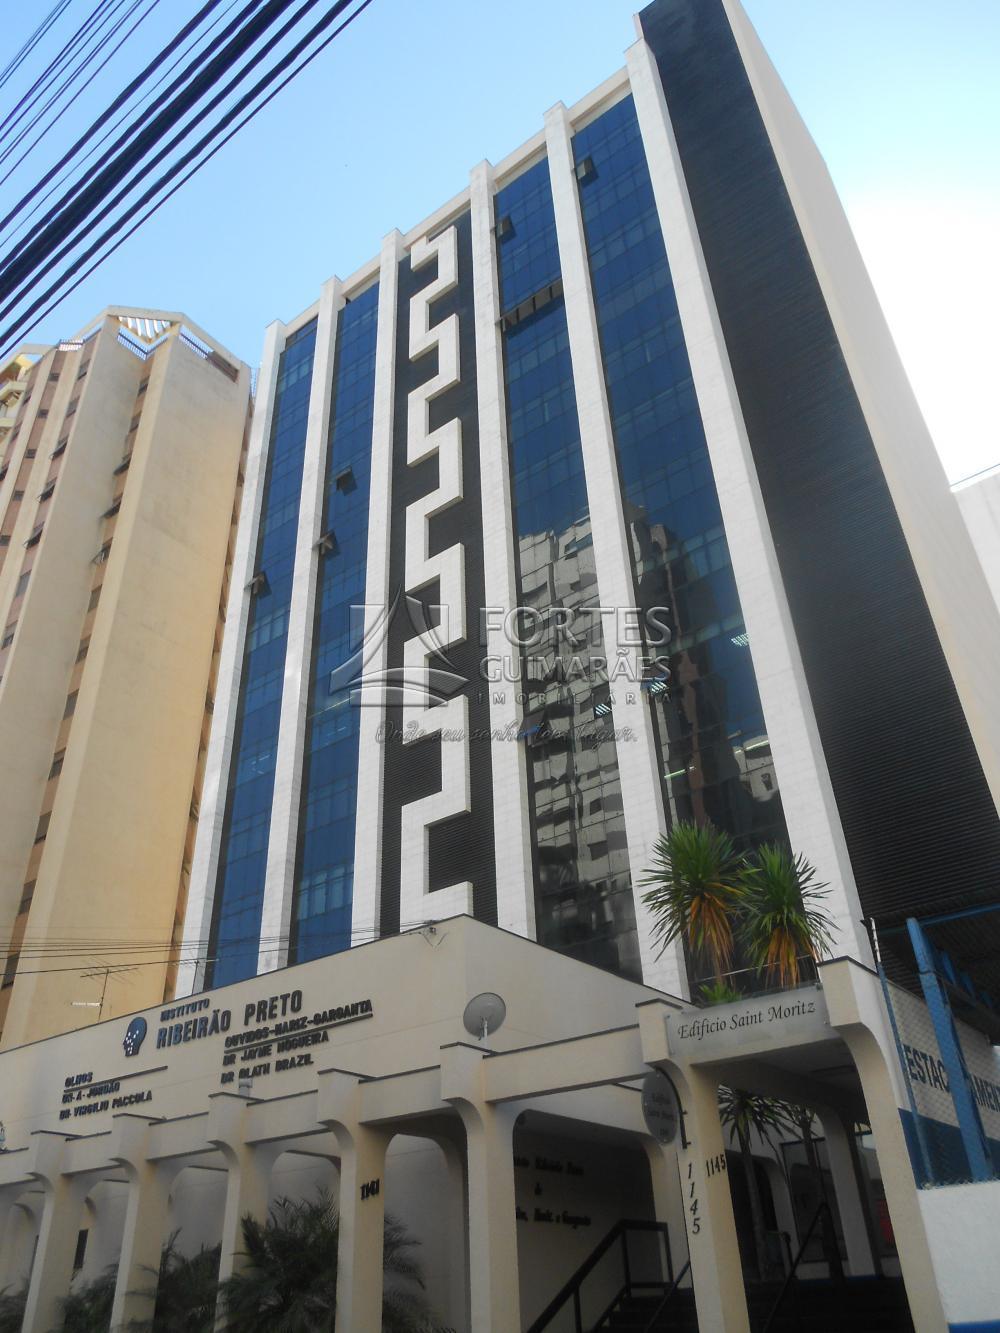 Alugar Comercial / Sala em Ribeirão Preto apenas R$ 7.590,00 - Foto 1